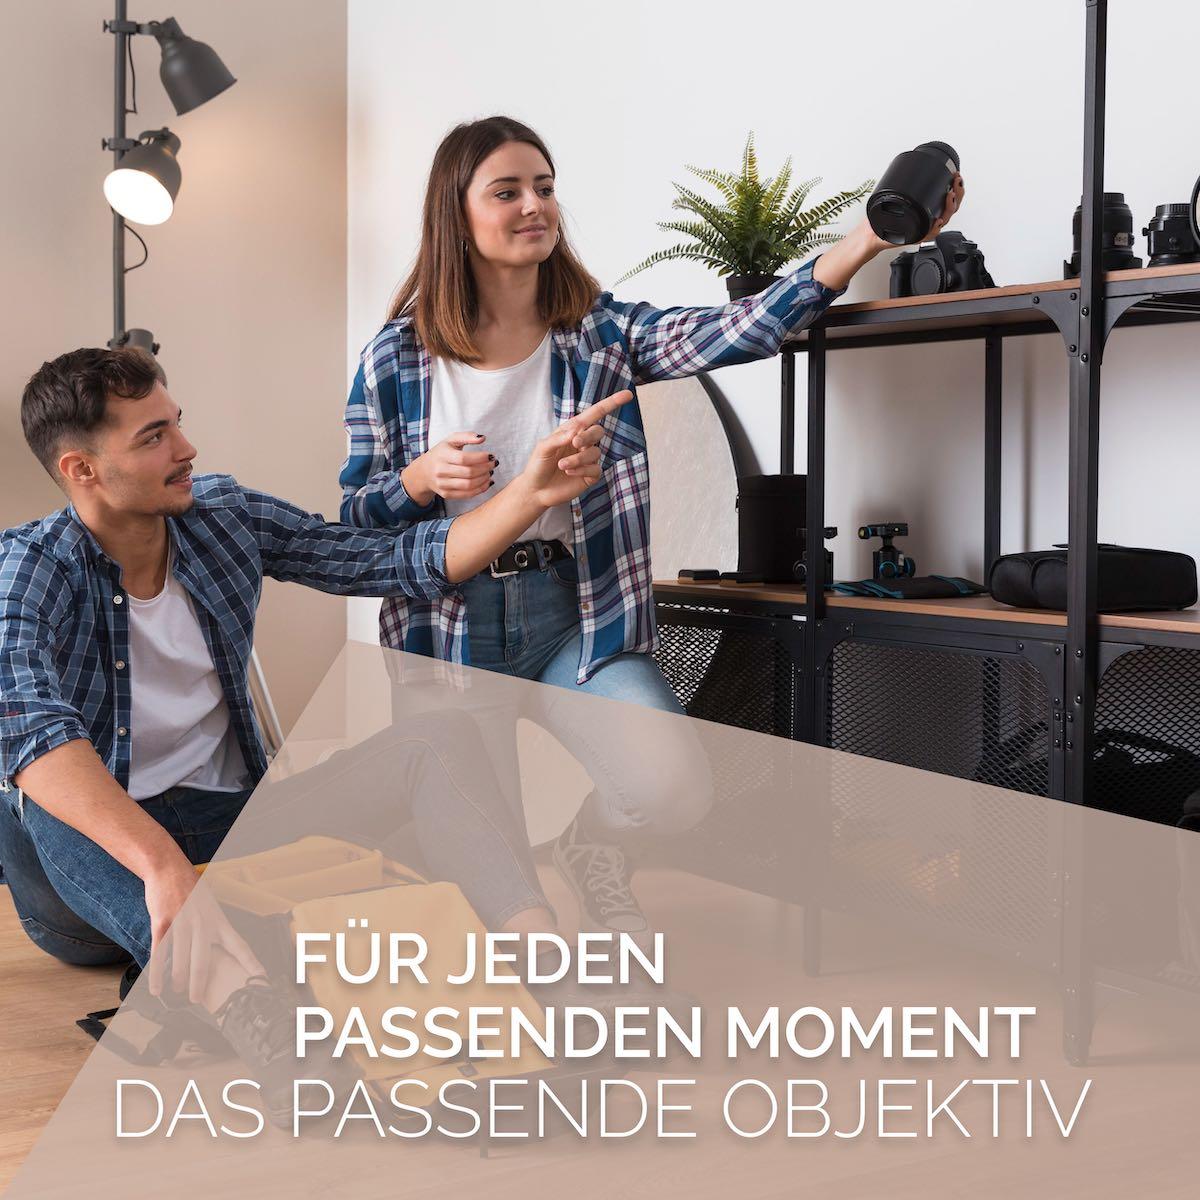 geschmacksRaum_WERBEAGENTUR_Fuer_jeden_passenden_Moment_das_passende_Objektiv-f